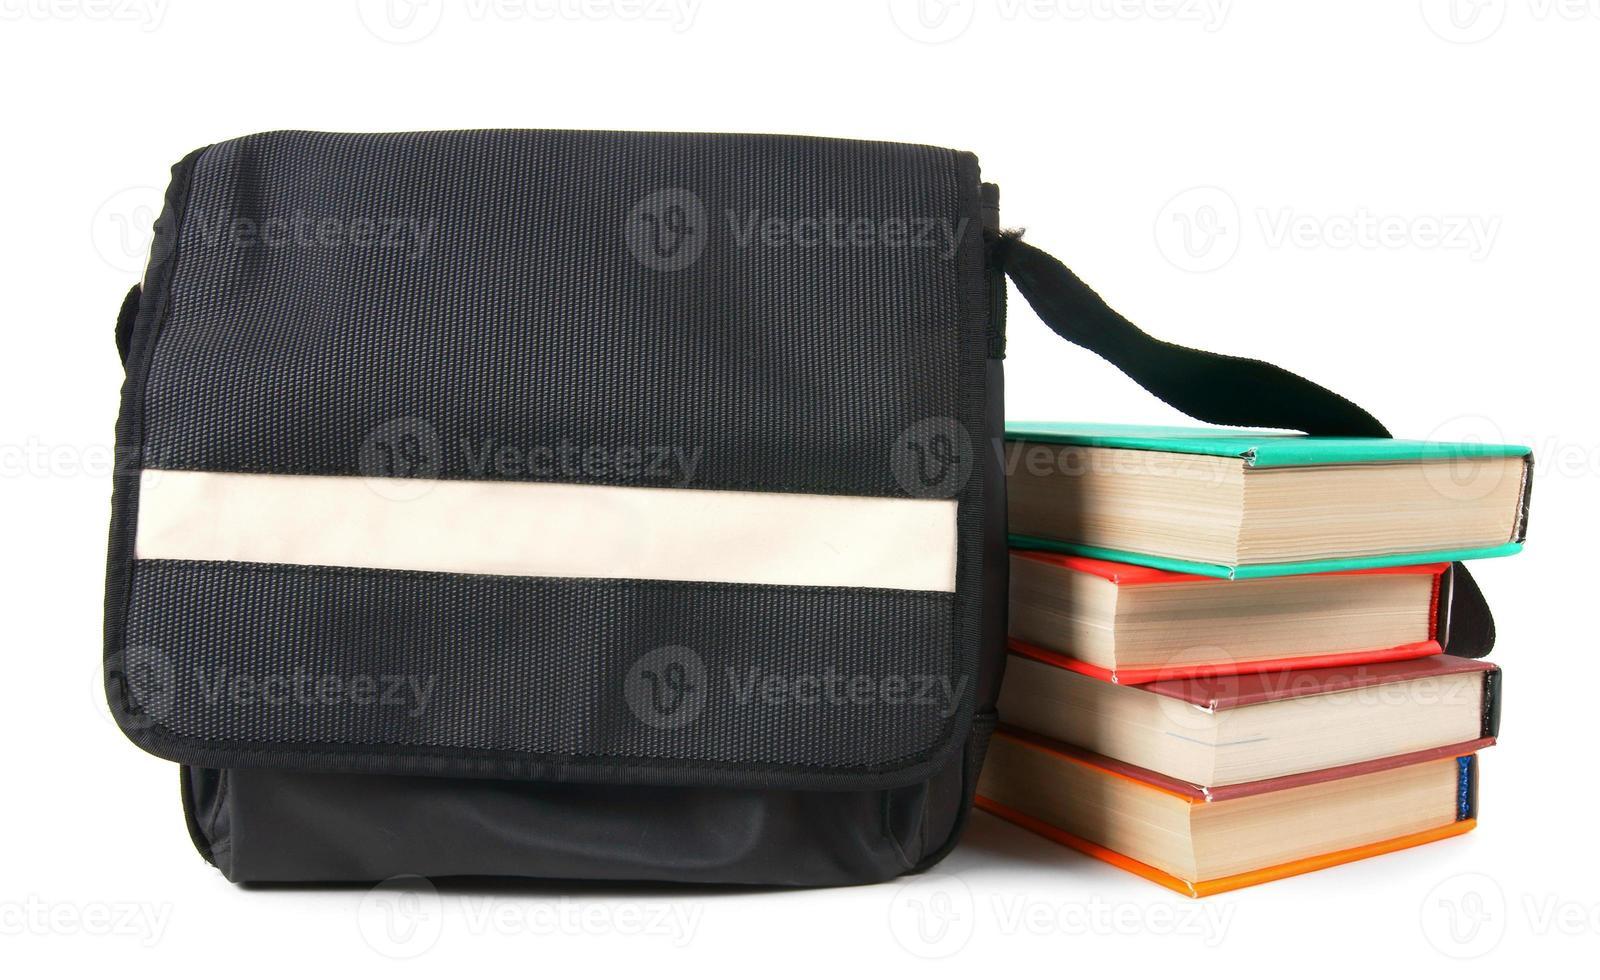 zaino e libri per la scuola. foto